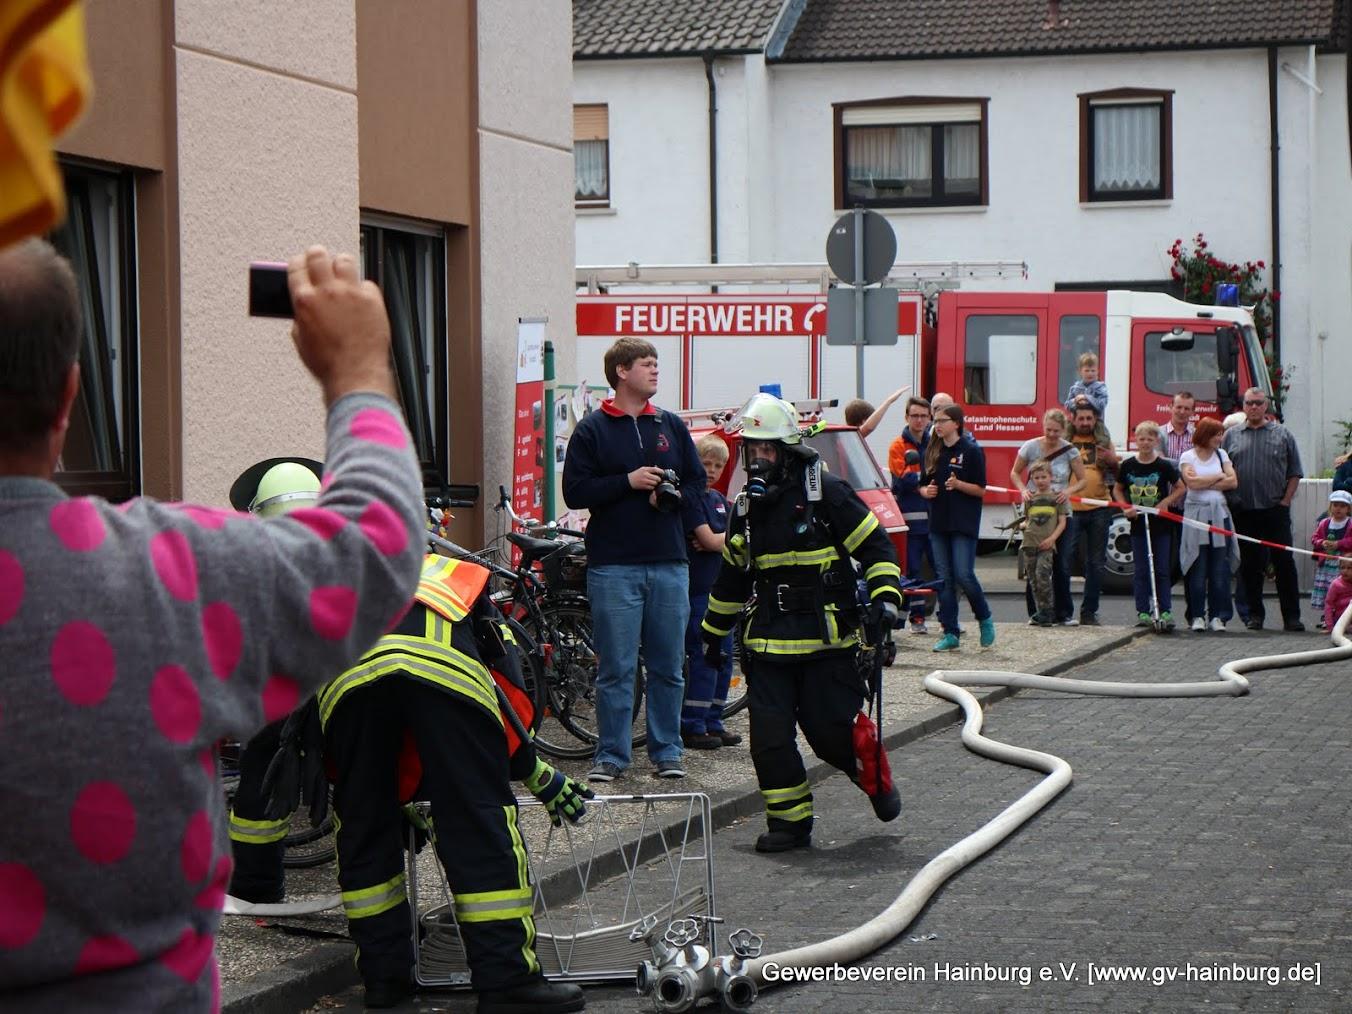 Feuerwehr Leistungsshow